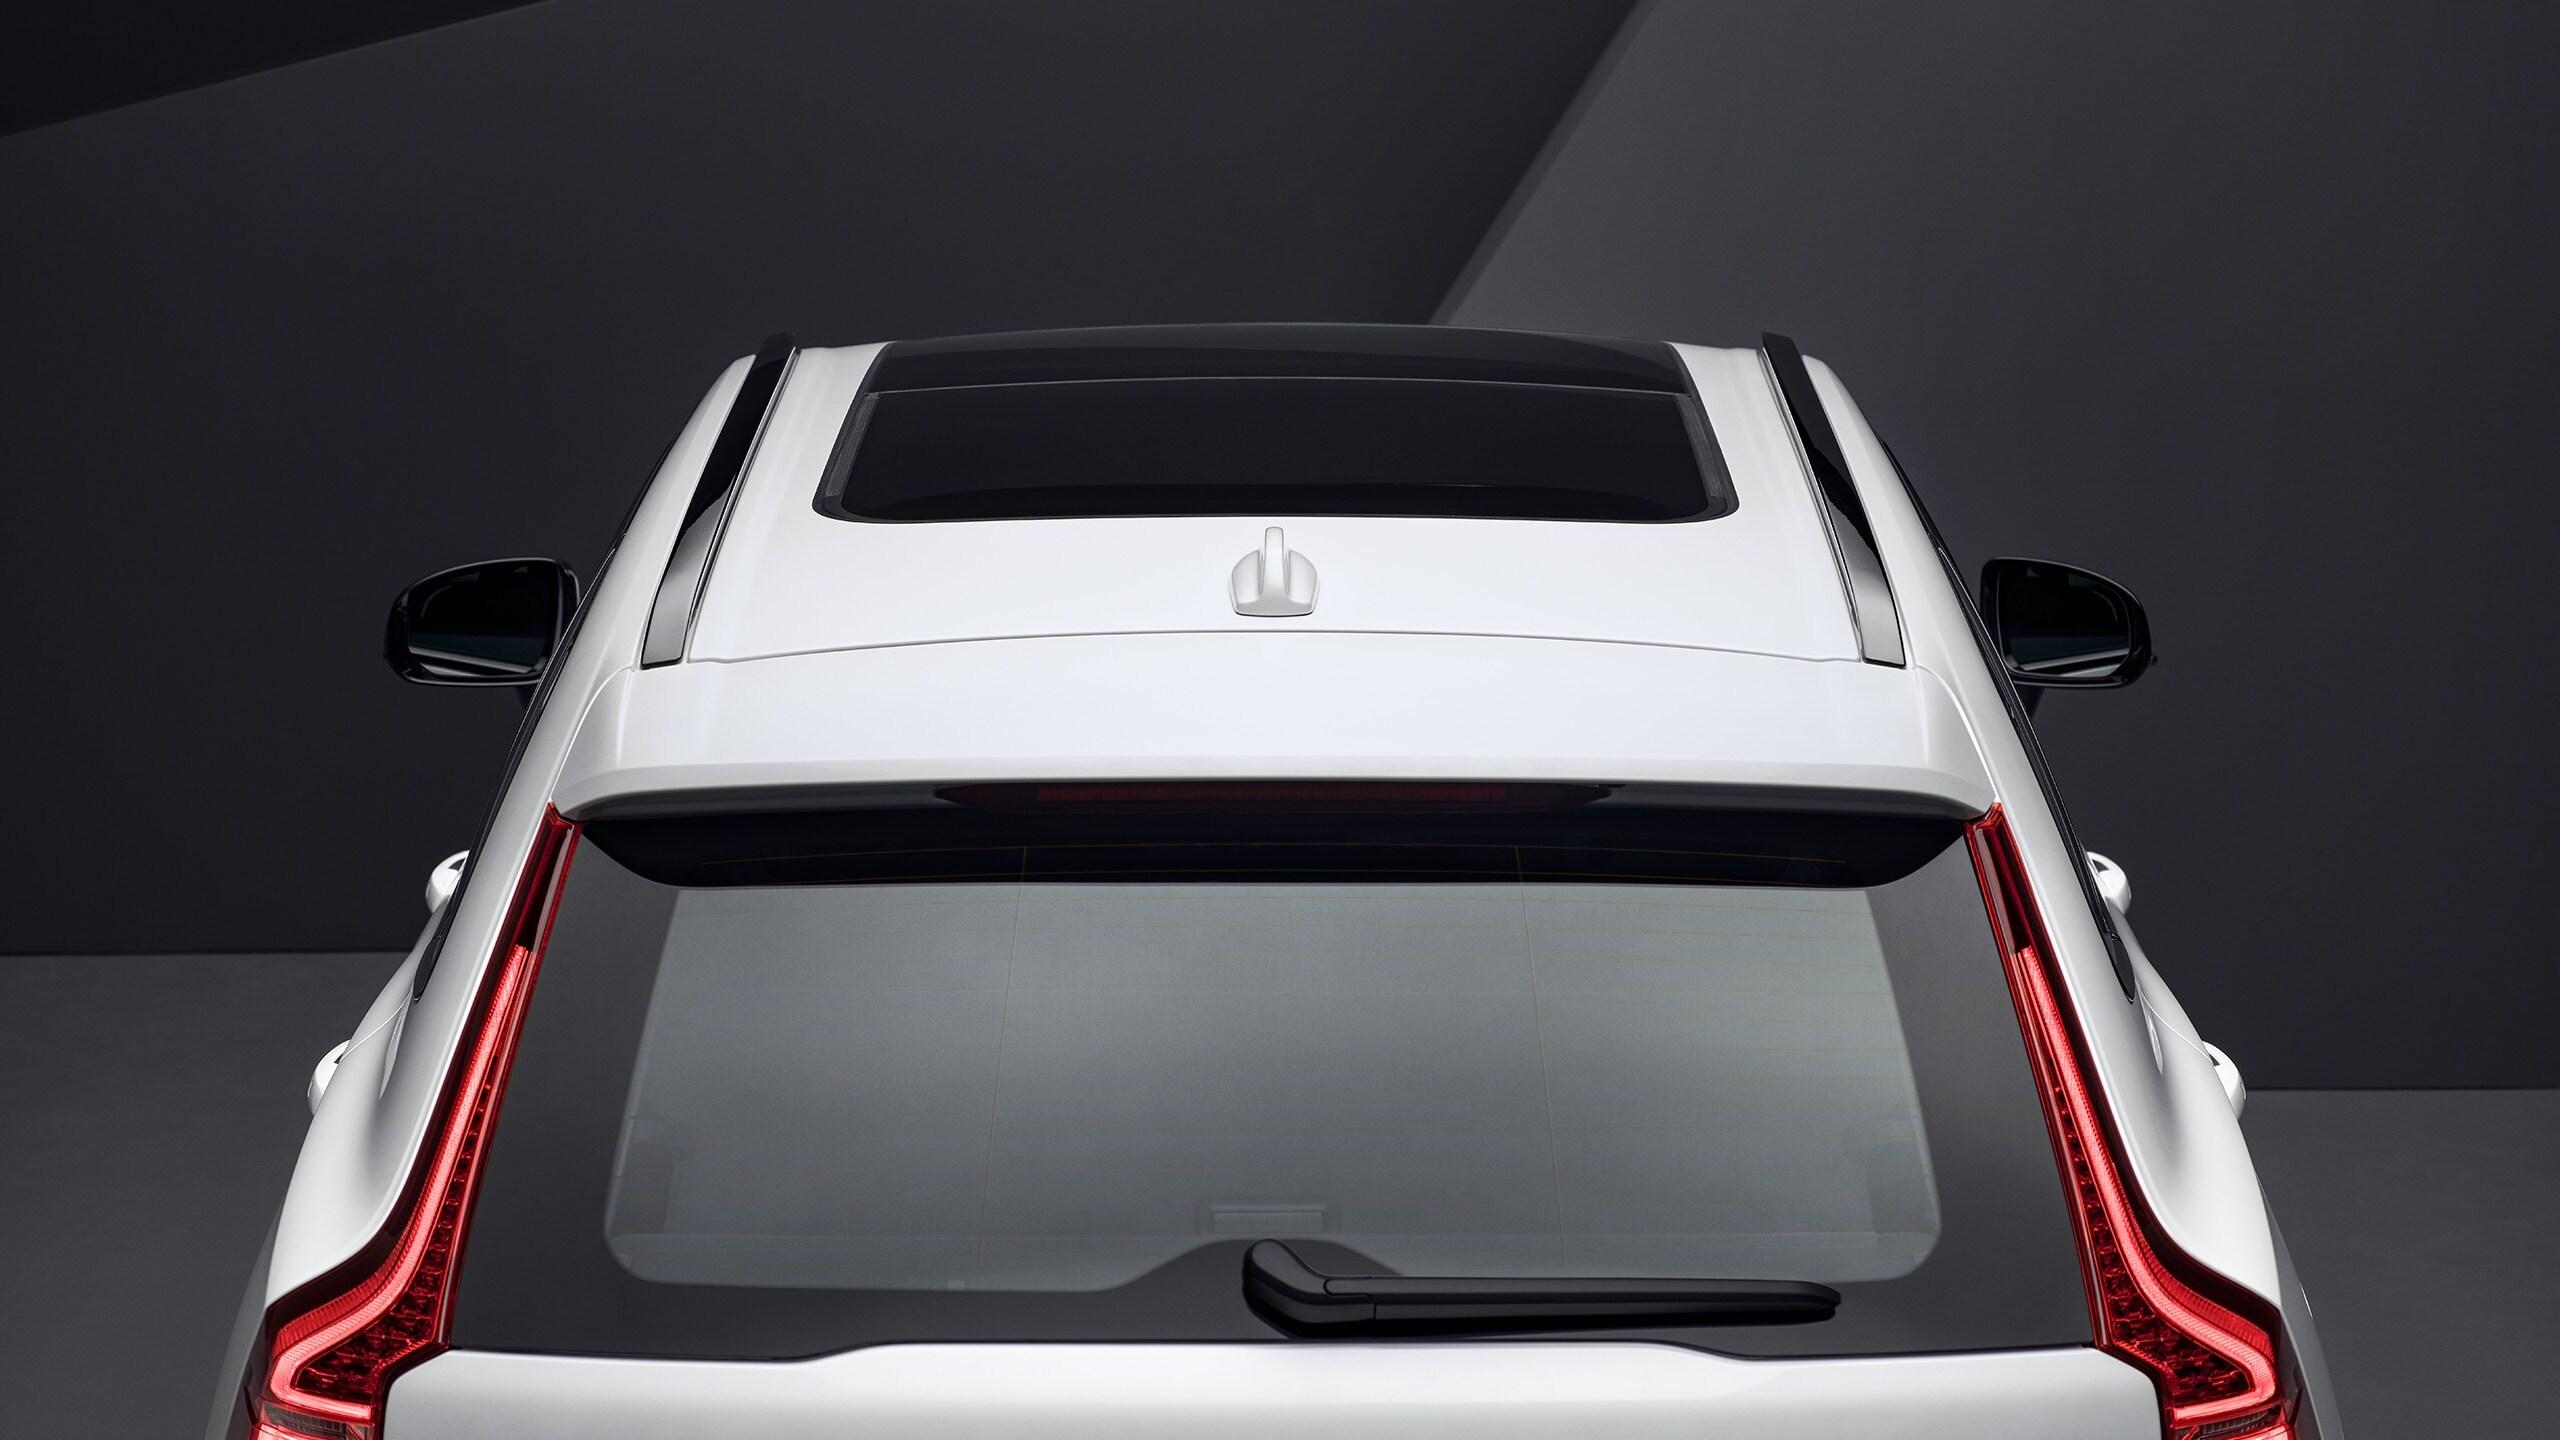 Автомобіль VolvoXC60 кольору White із відкритим і нахиленим панорамним дахом, вигляд згори